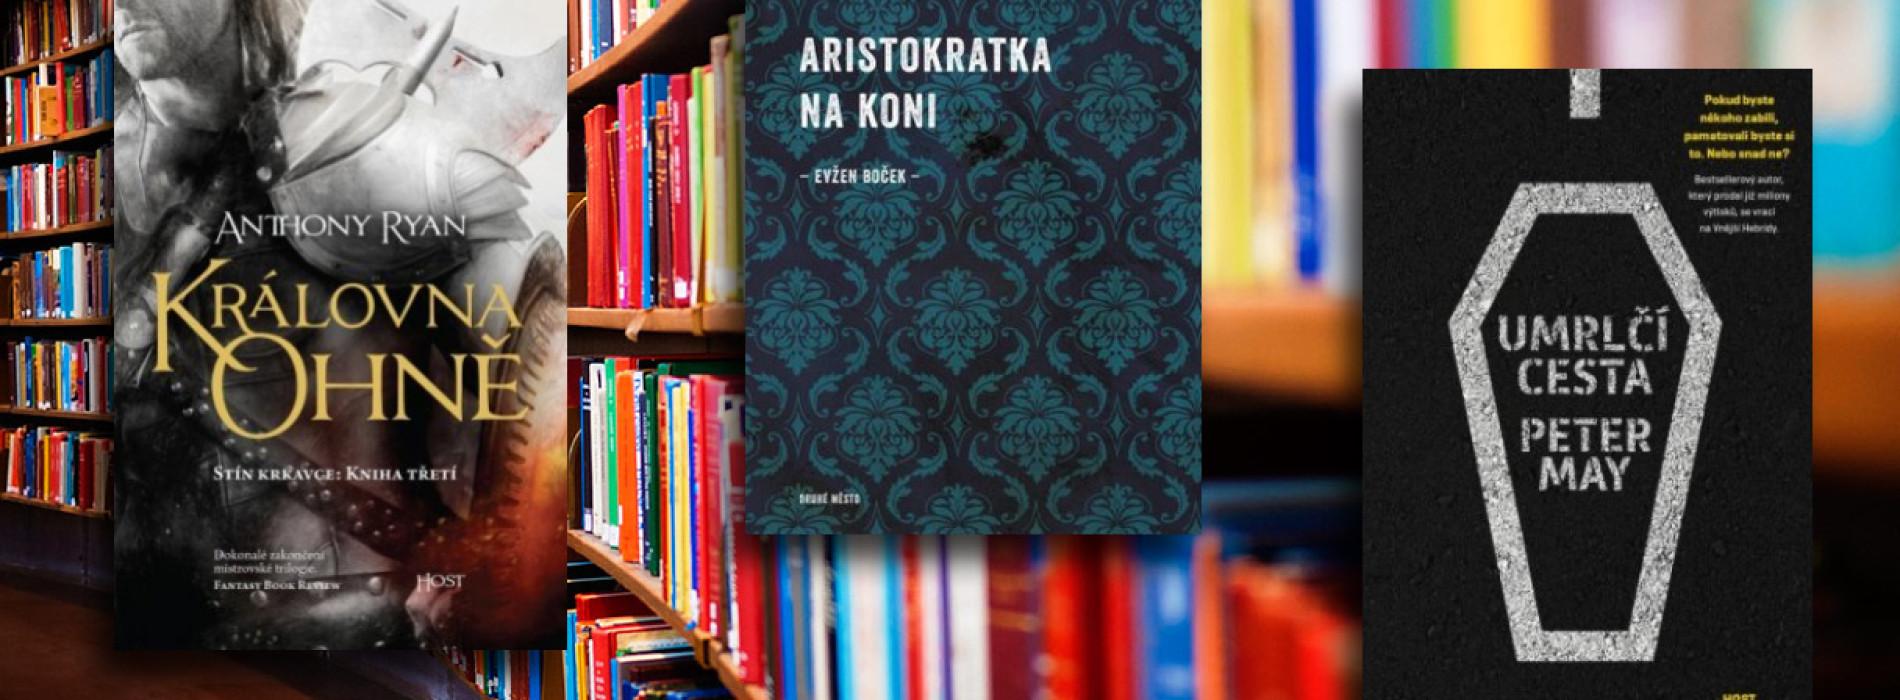 Nejprodávanější e-knihy v ČR za říjen 2016